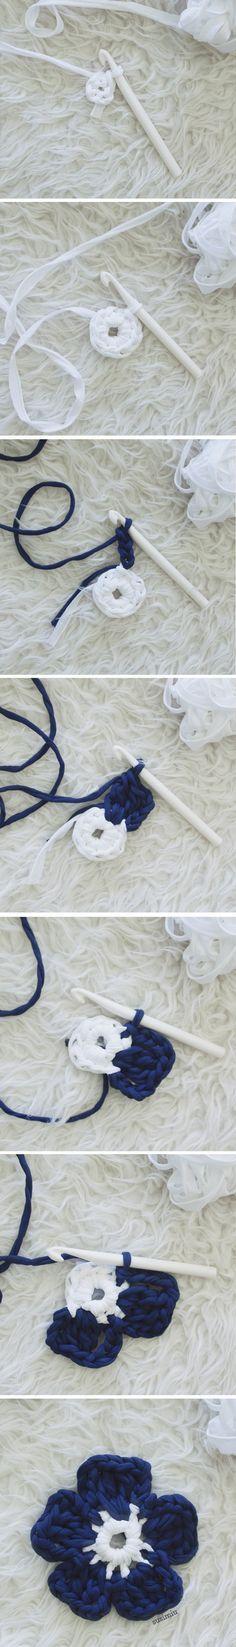 SusiMiu | Patrón de Alfombra de Trapillo Modelo Camelia (redonda con flores)